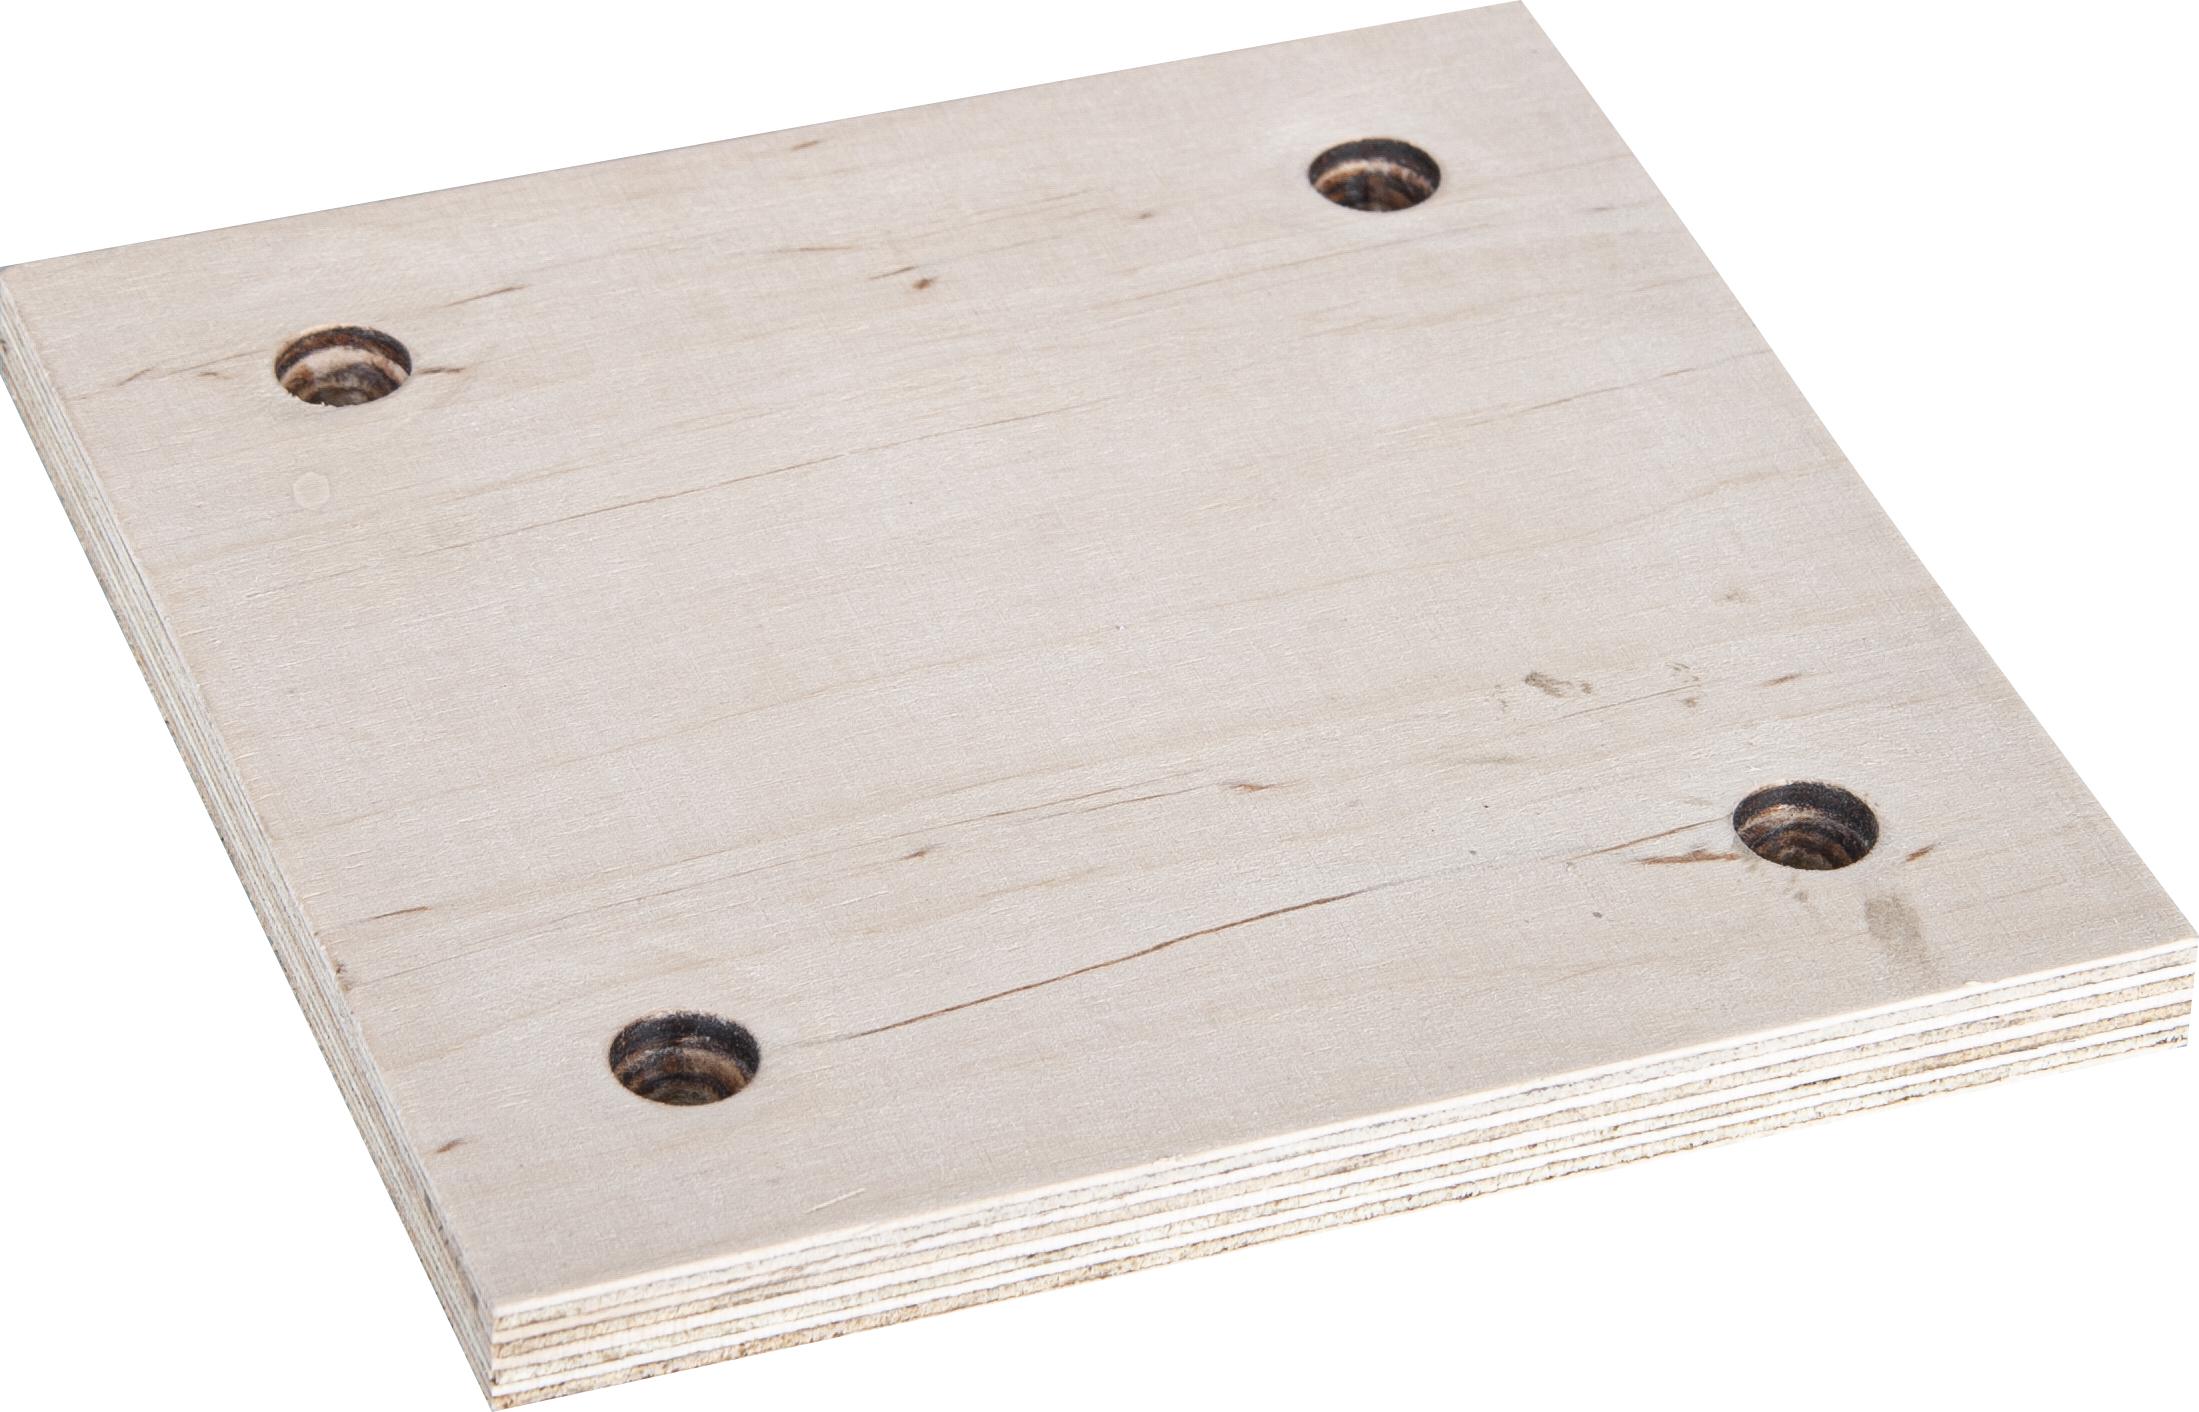 Holz-Platte 150x150mm für Grabmalplattengreifer GPM 400